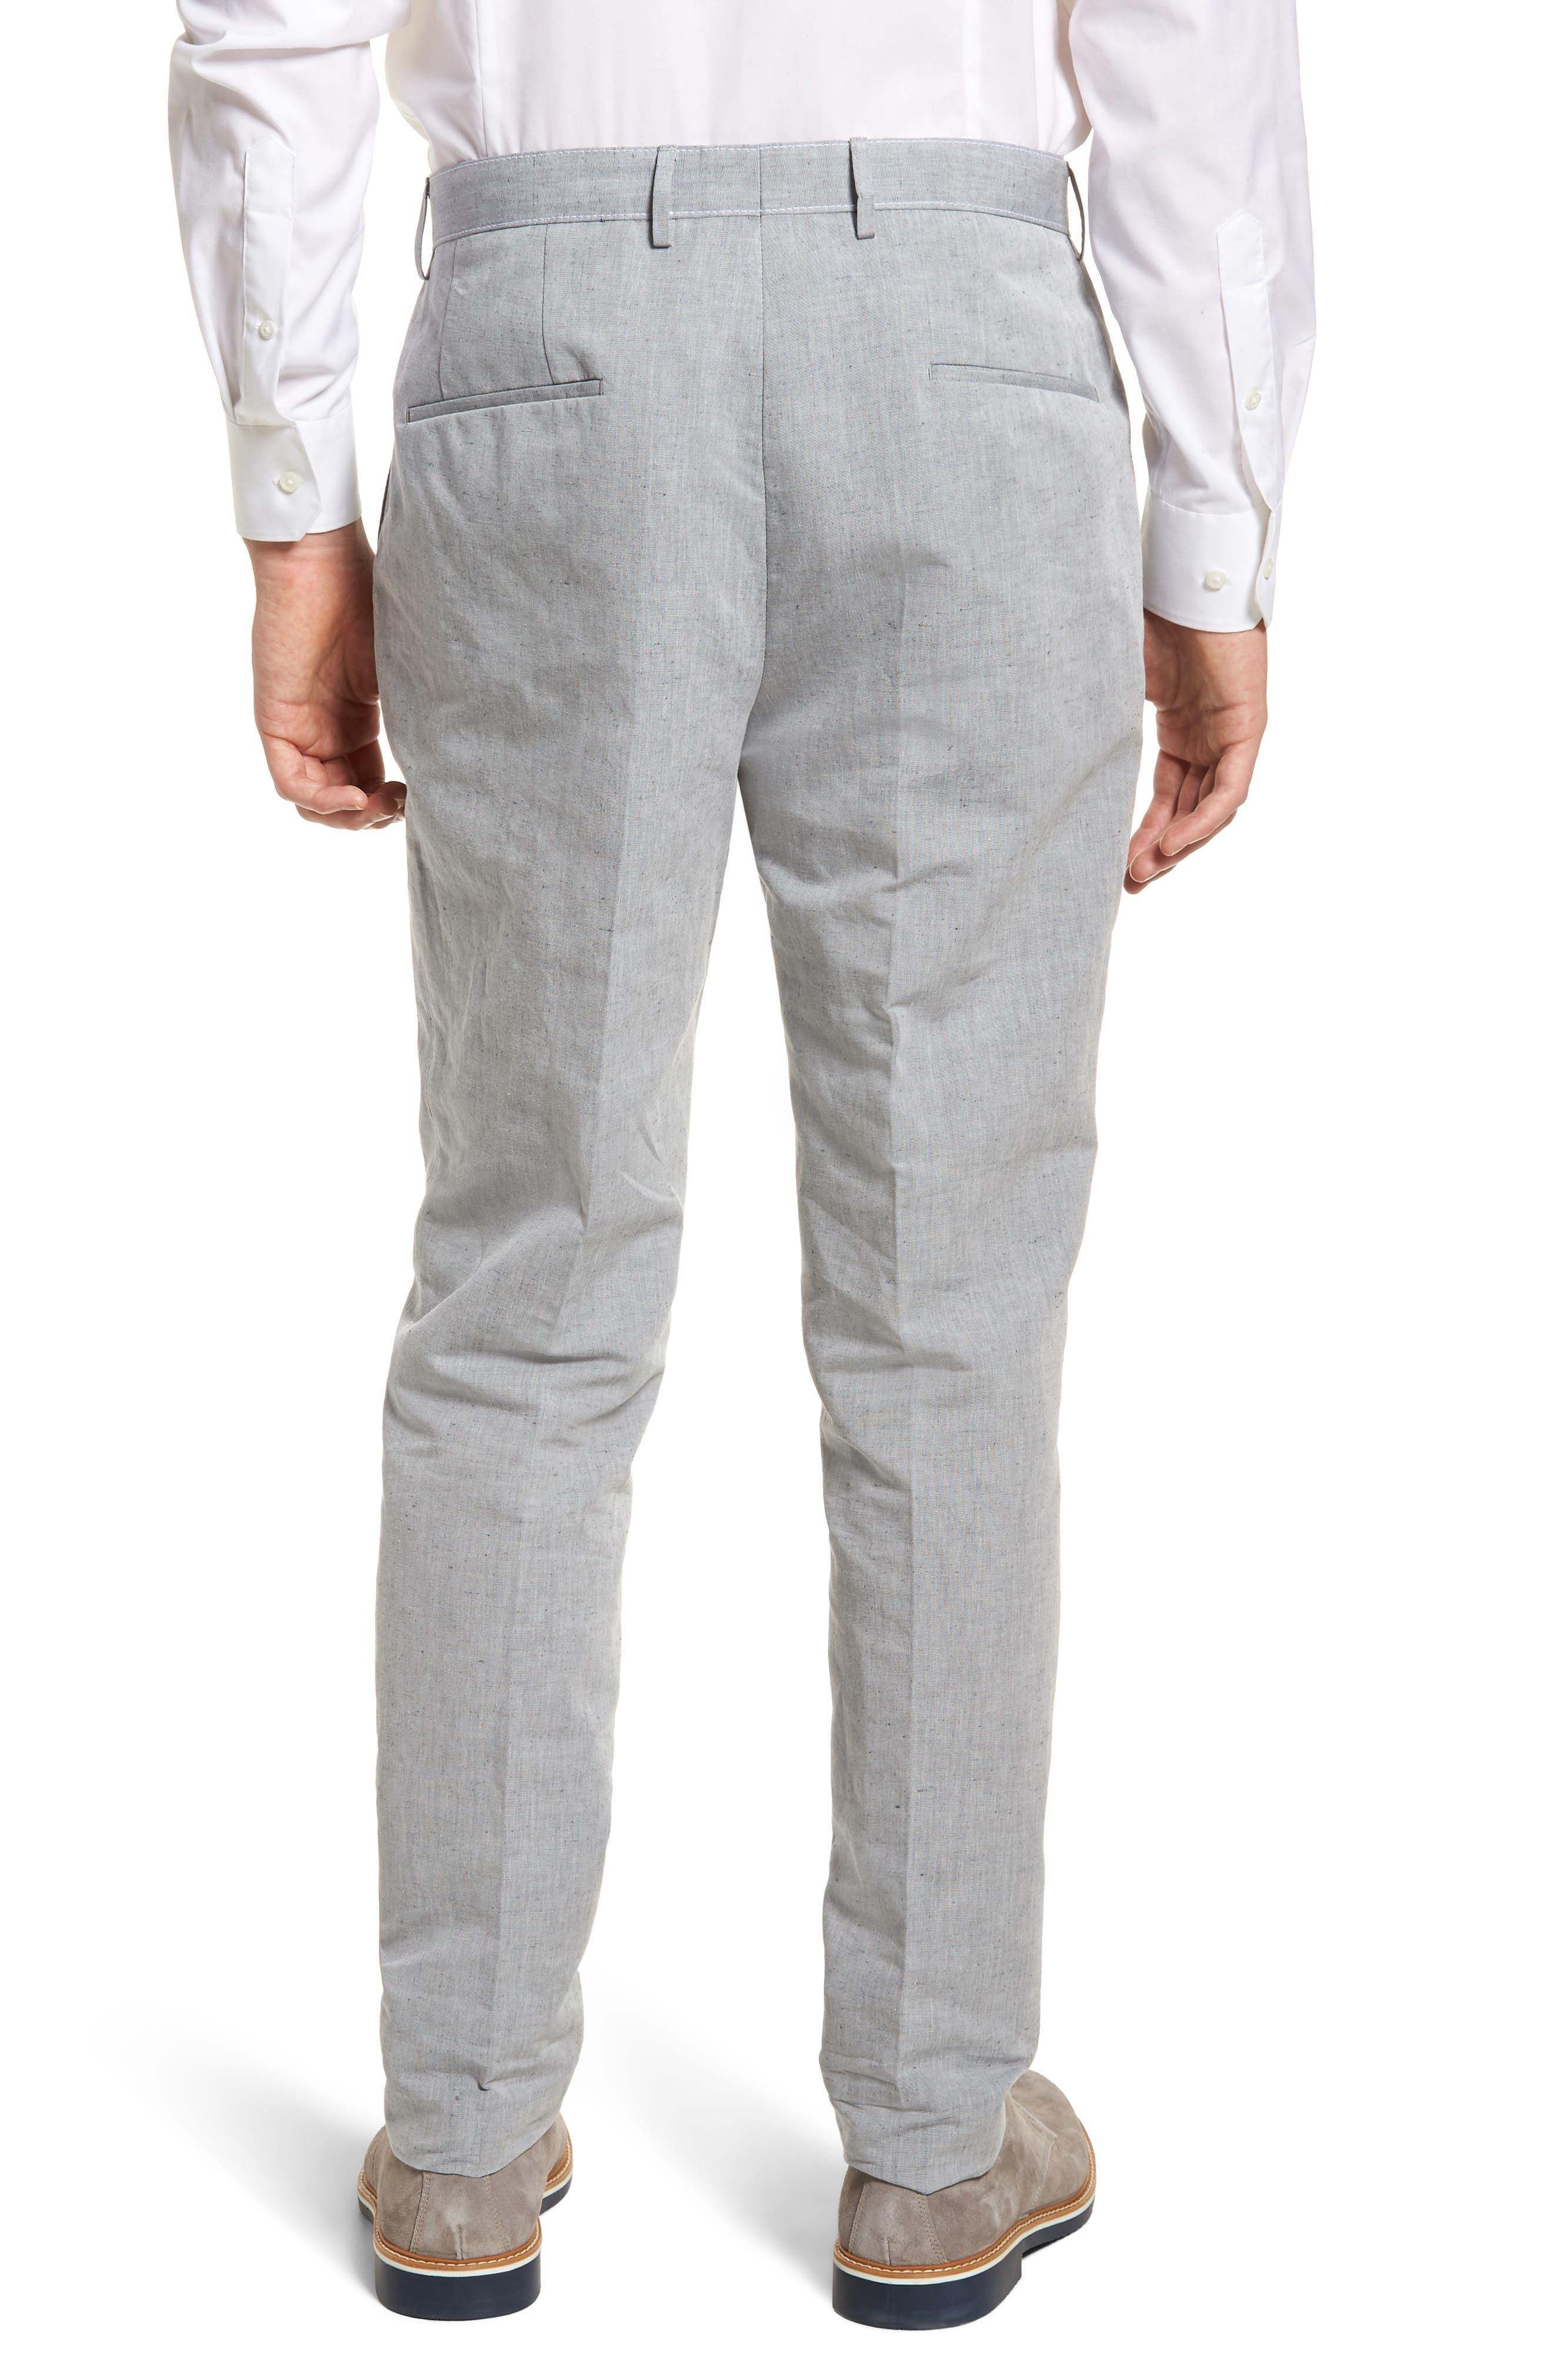 Pirko Flat Front Linen & Cotton Trousers,                             Alternate thumbnail 2, color,                             020